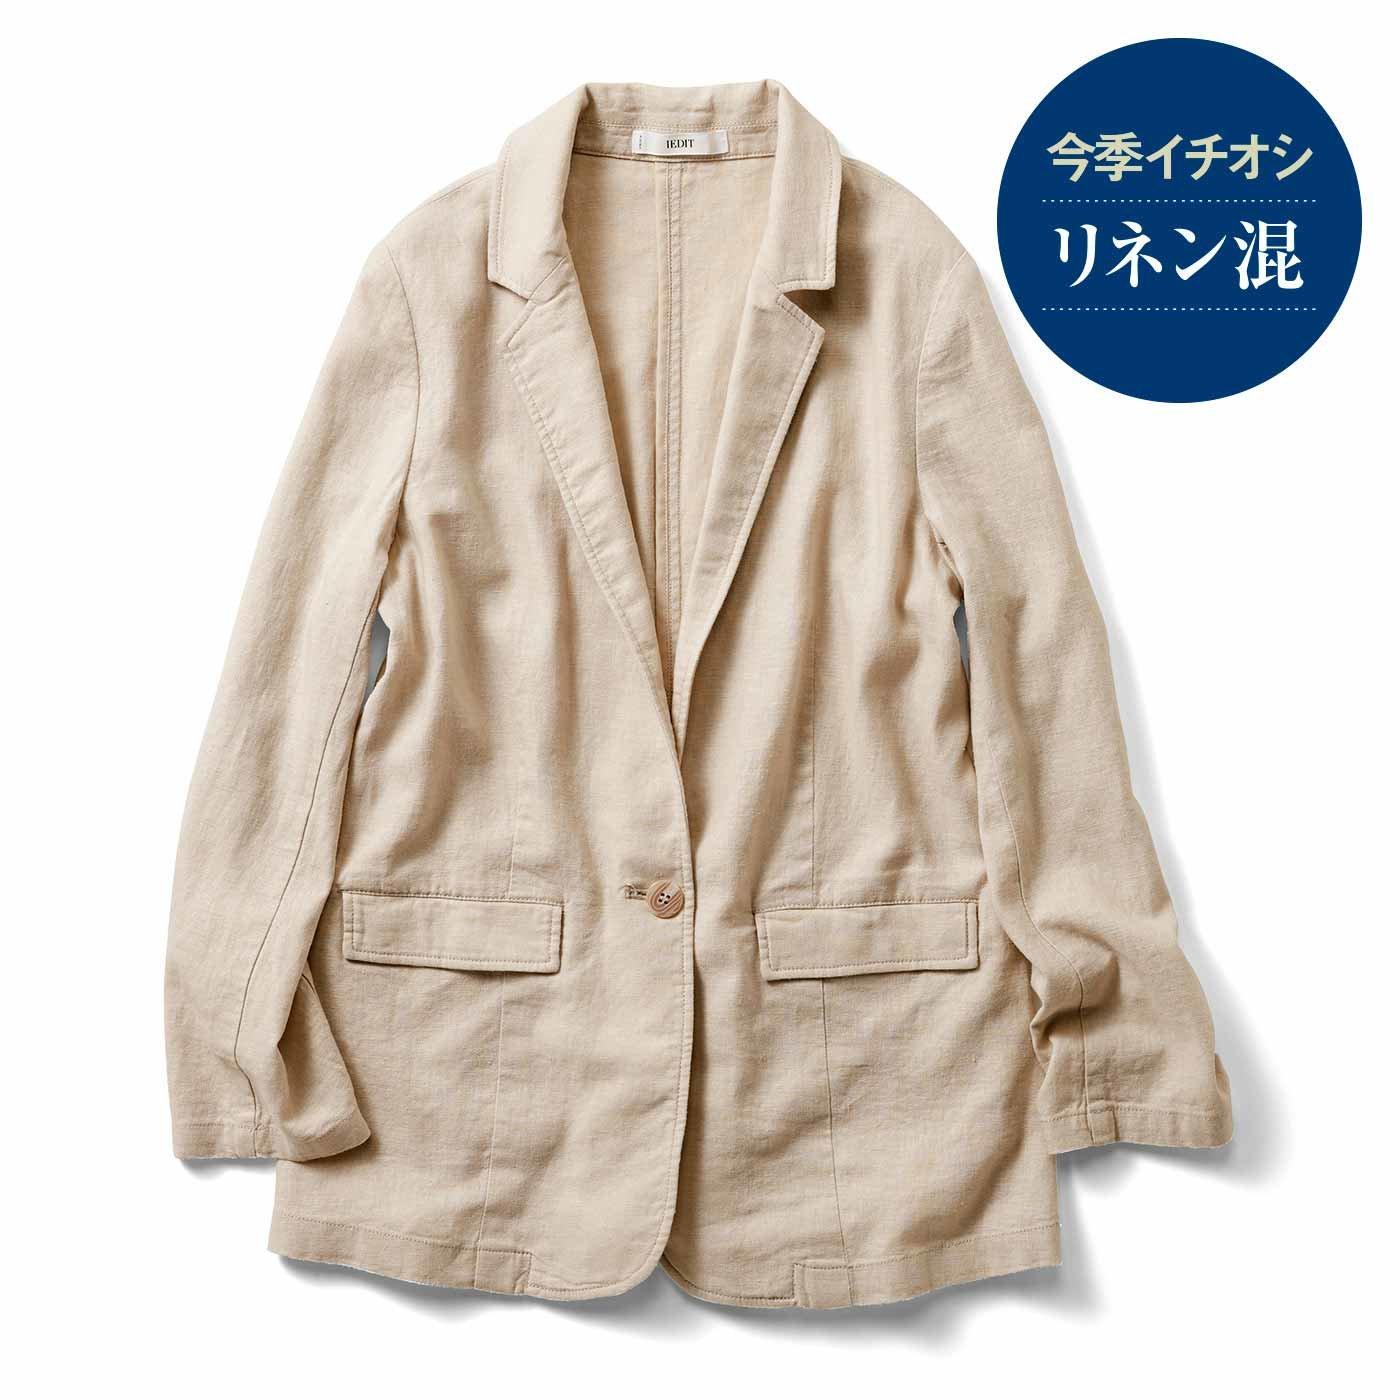 【3~10日でお届け】IEDIT[イディット] リネン混素材で上質にこなれる きれい見えジャケット〈ベージュ〉